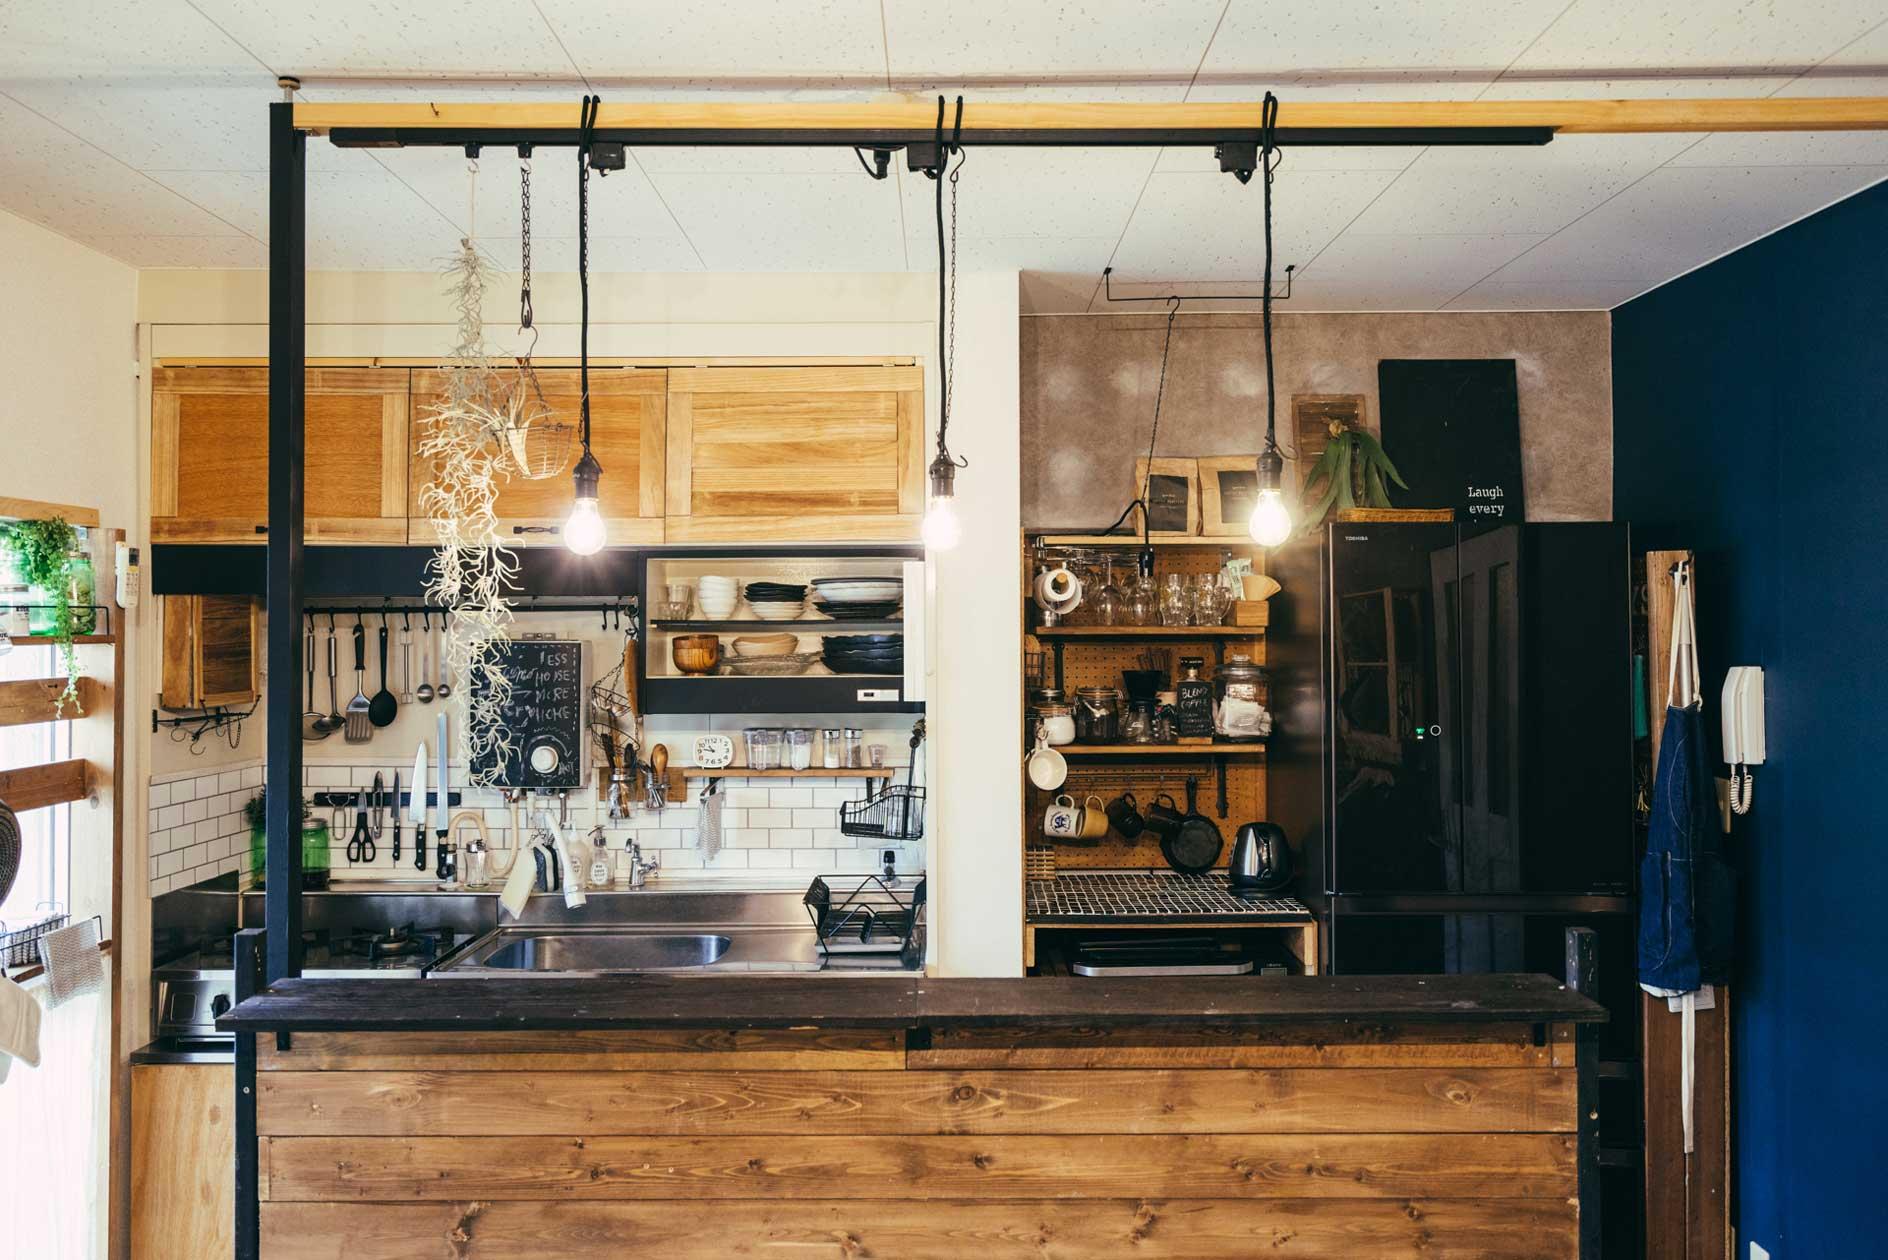 2本の角材を天井に突っ張って柱にし、そこに横向きに板を渡してライティングレールに。